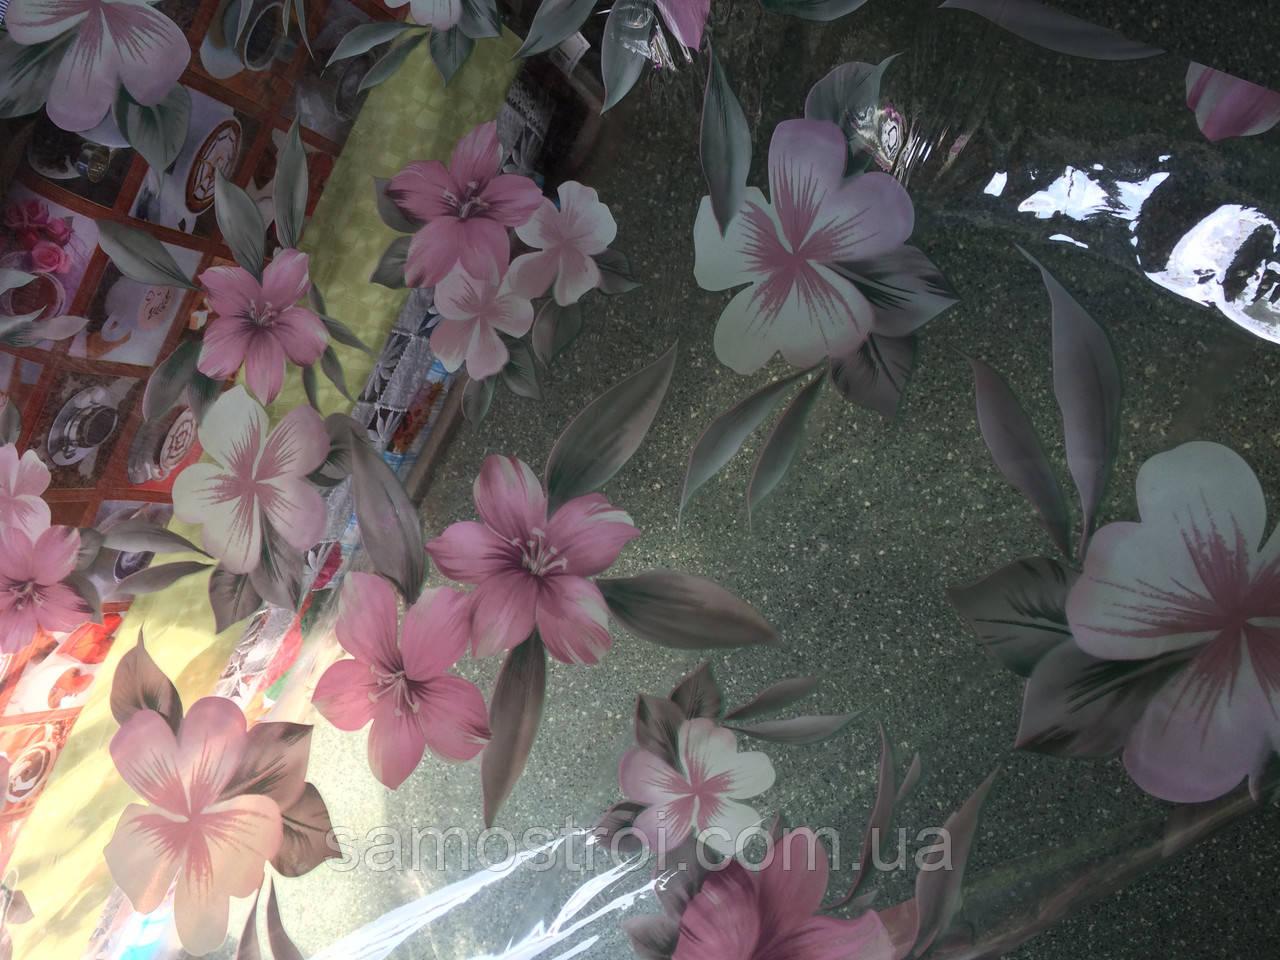 Клеенка силиконовая розовый цветок 878-12Т 1,37 м